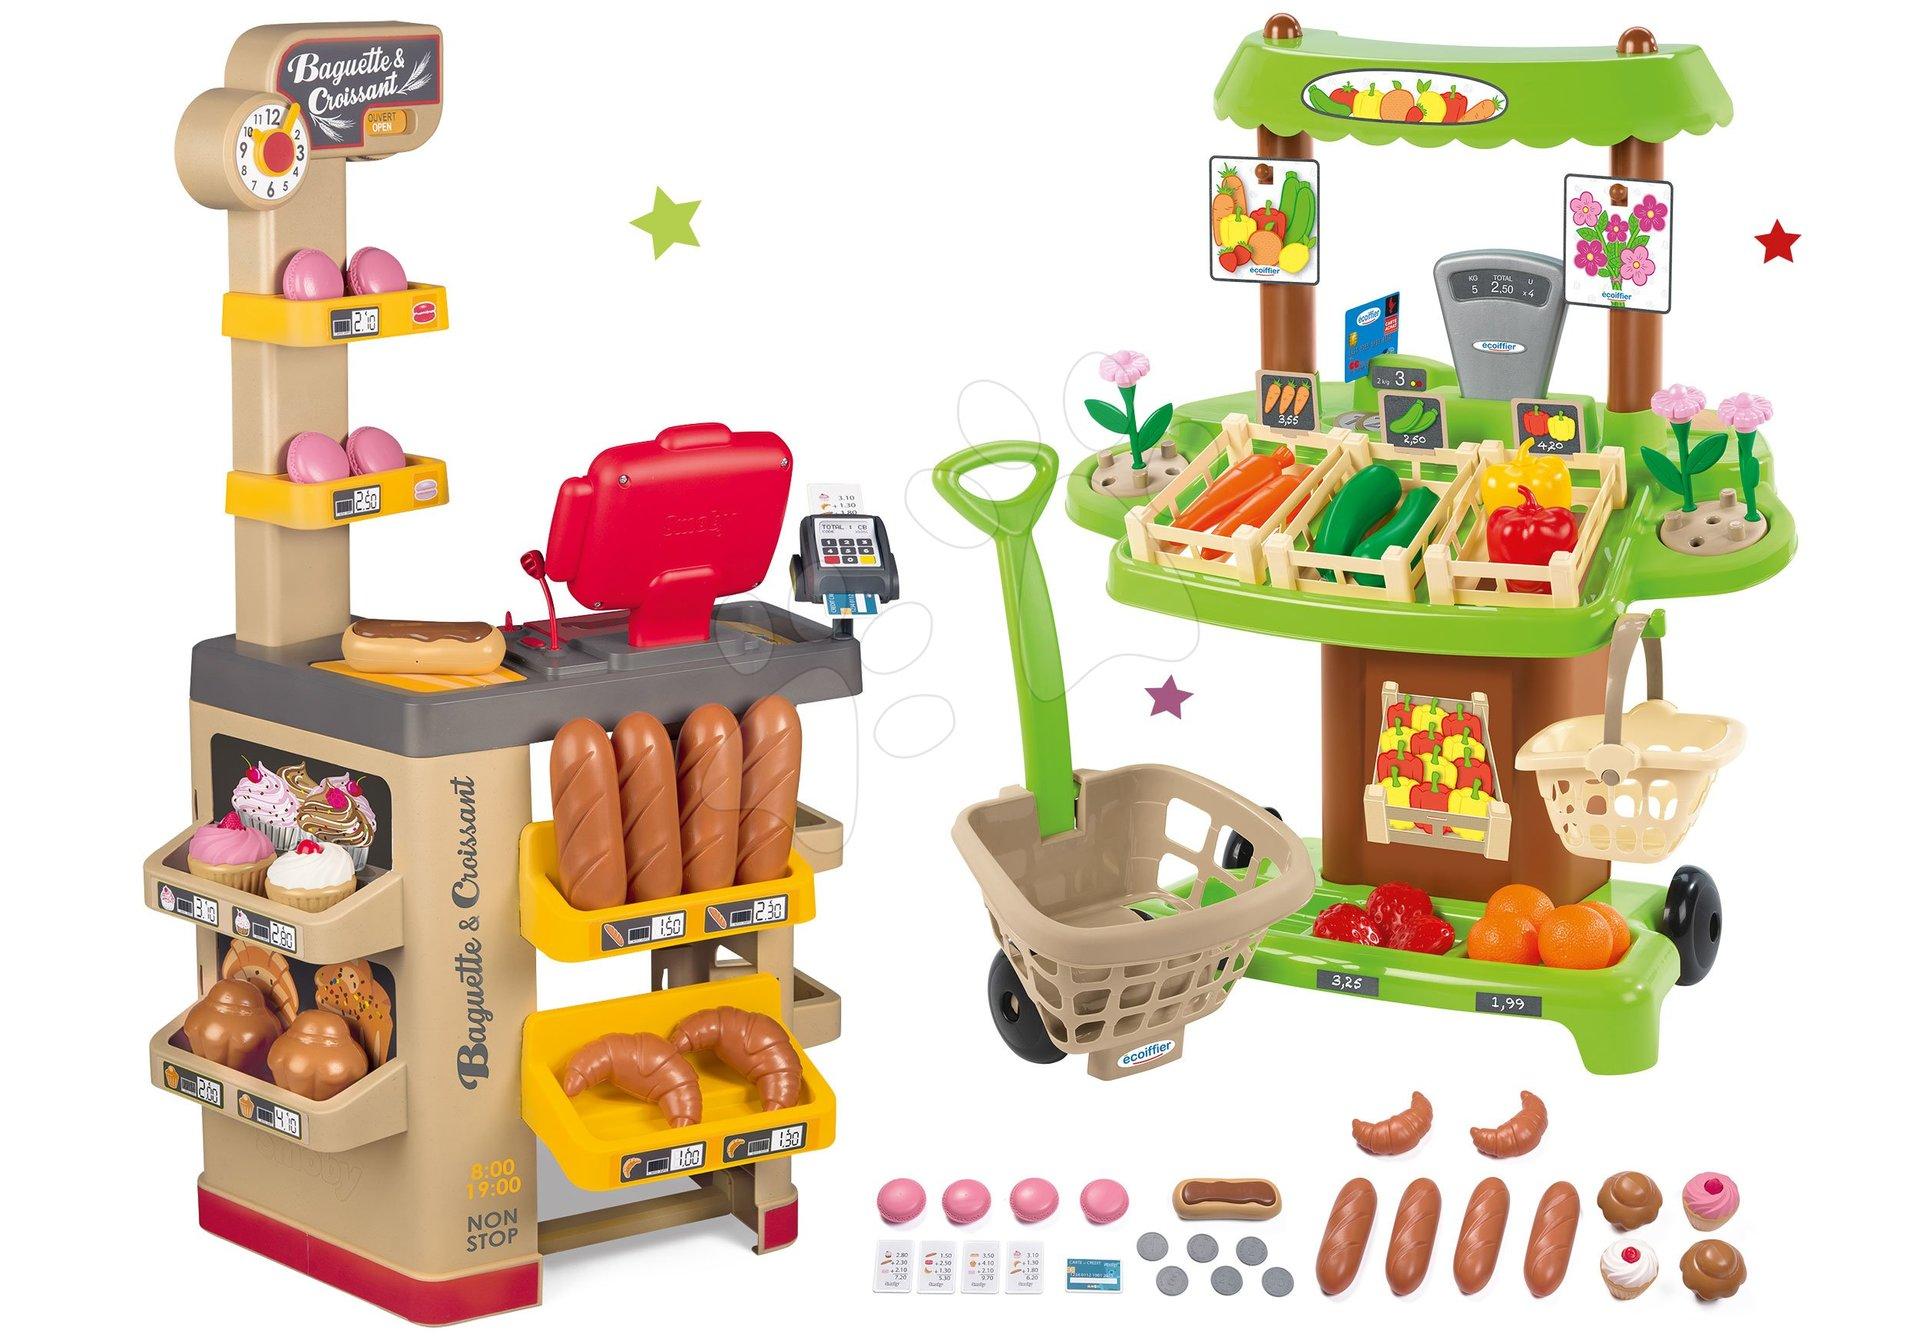 Set pekárna s koláči Baguette&Croissant Bakery Smoby s elektronickou pokladnou a zeleninový Bio stánek s vozíkem Organic 100% Chef